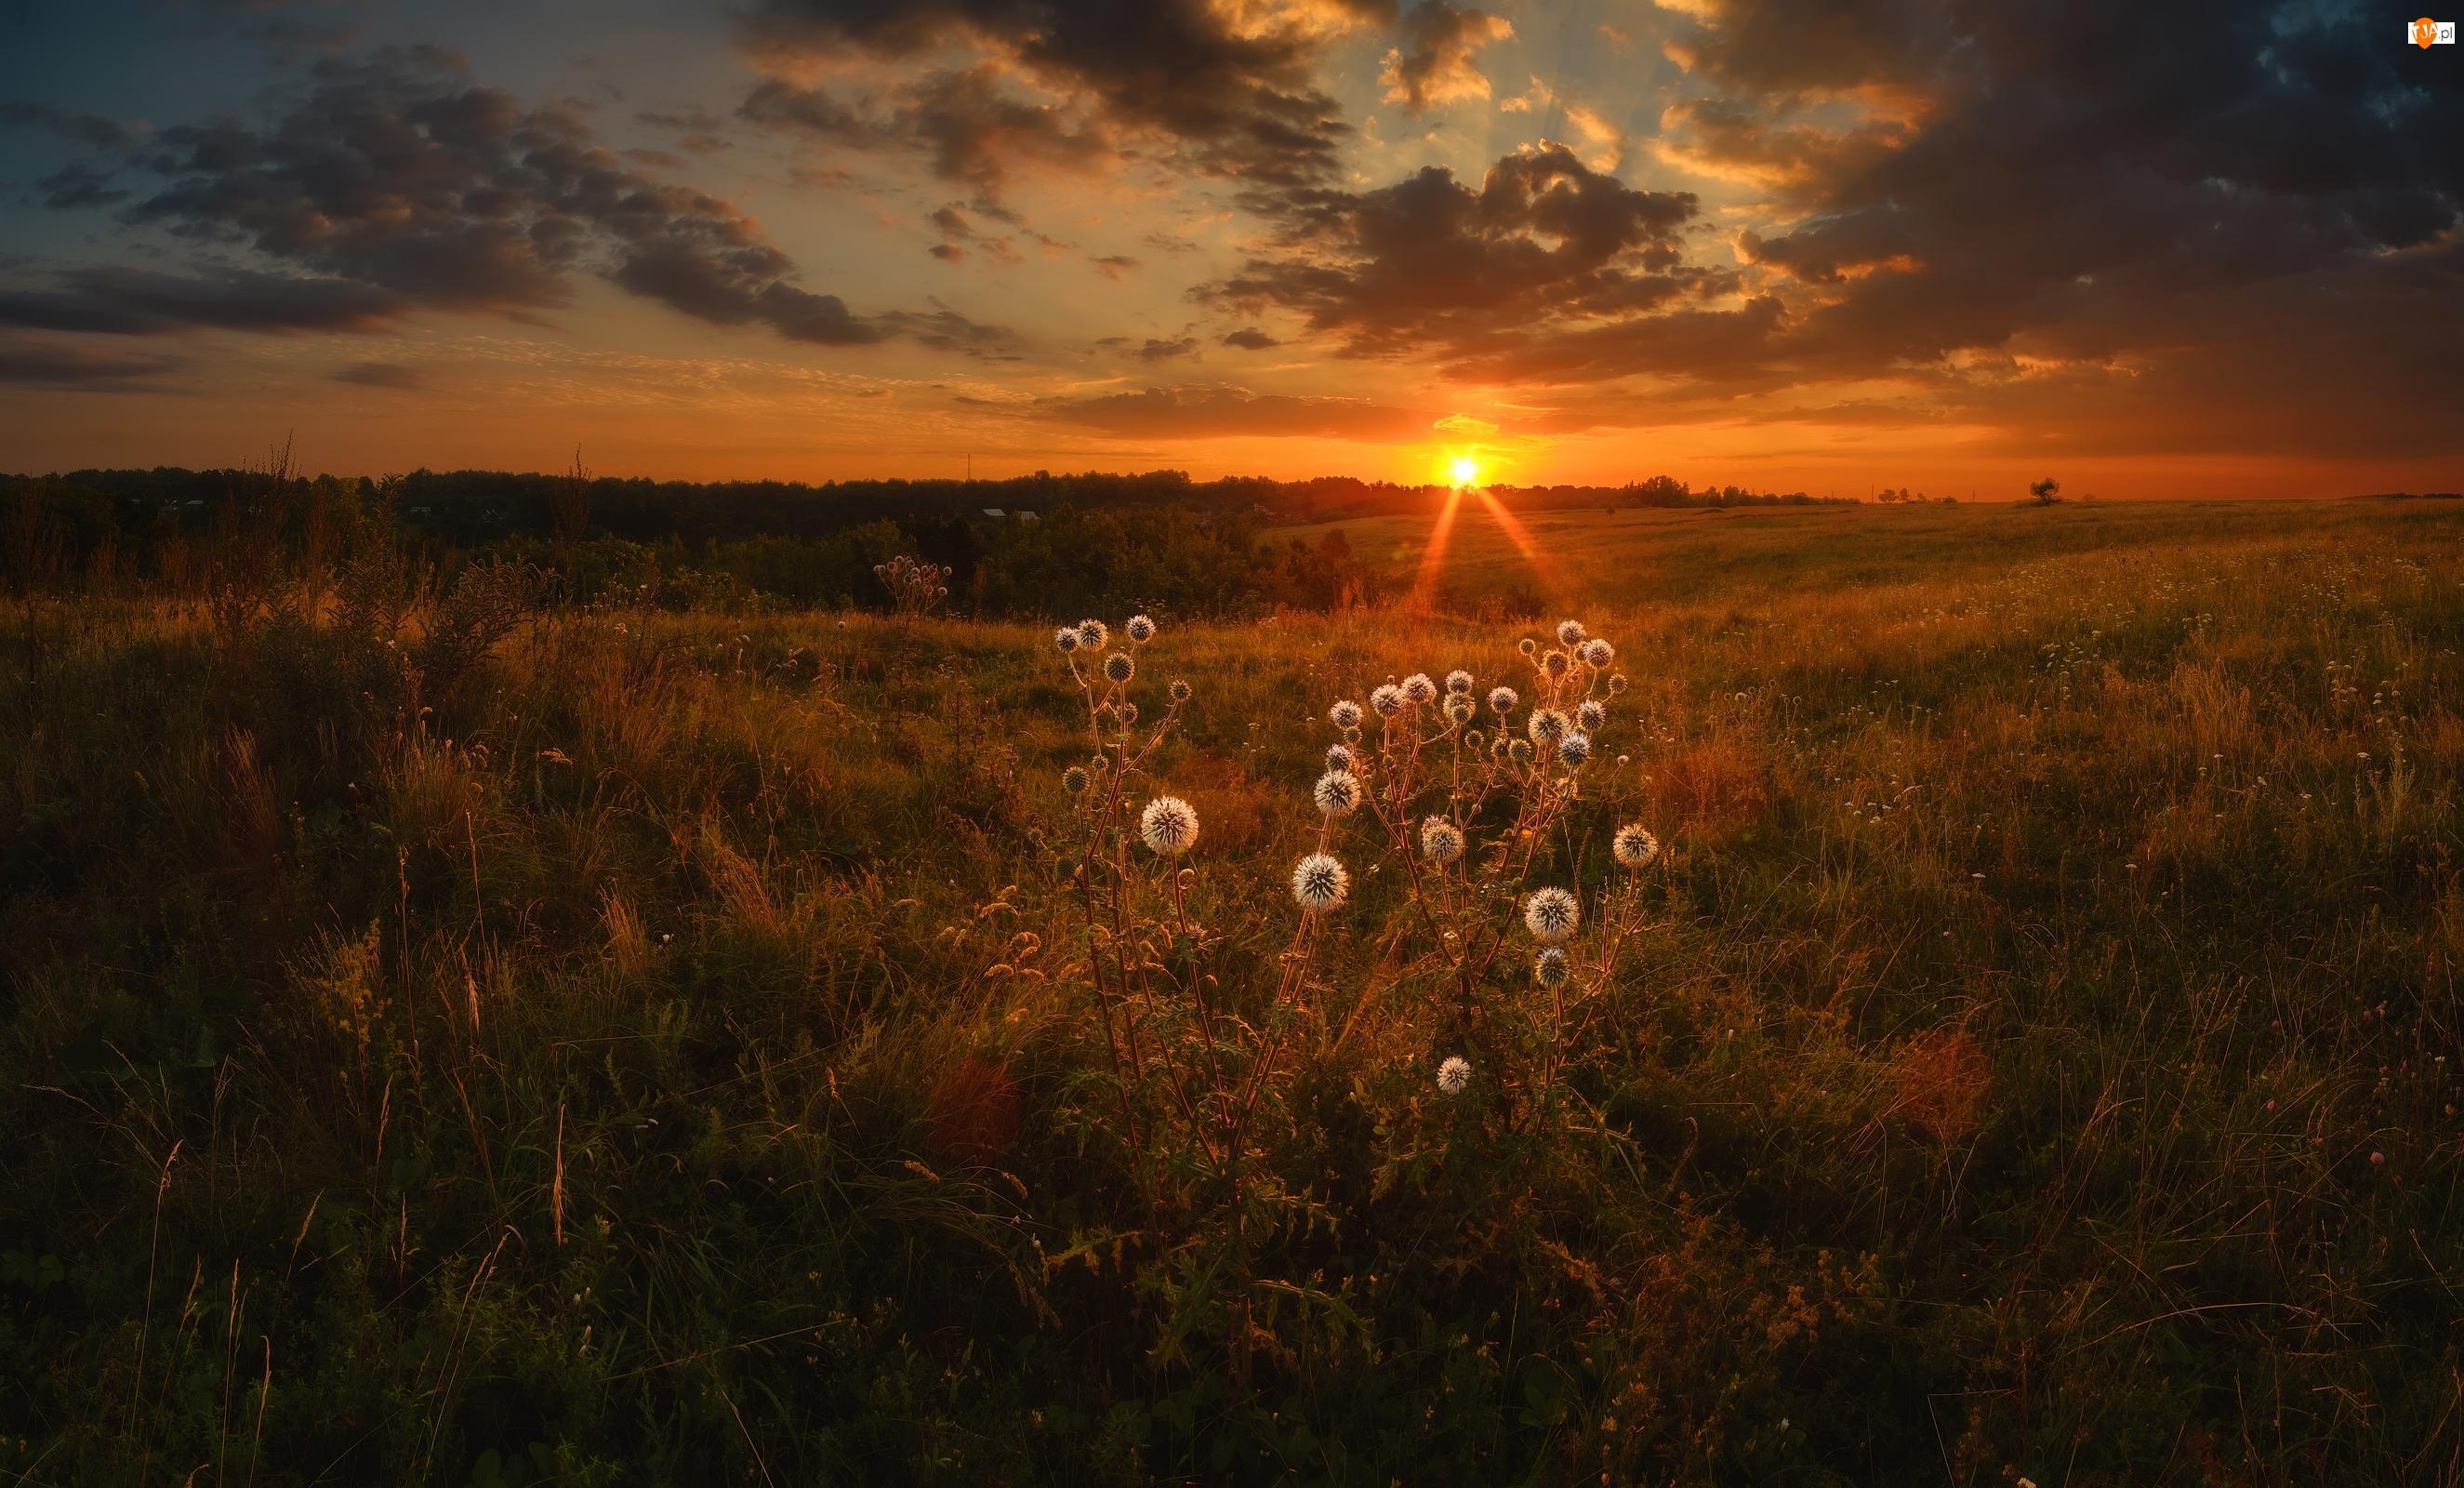 Przegorzan kulisty, Zachód słońca, Łąki, Rośliny